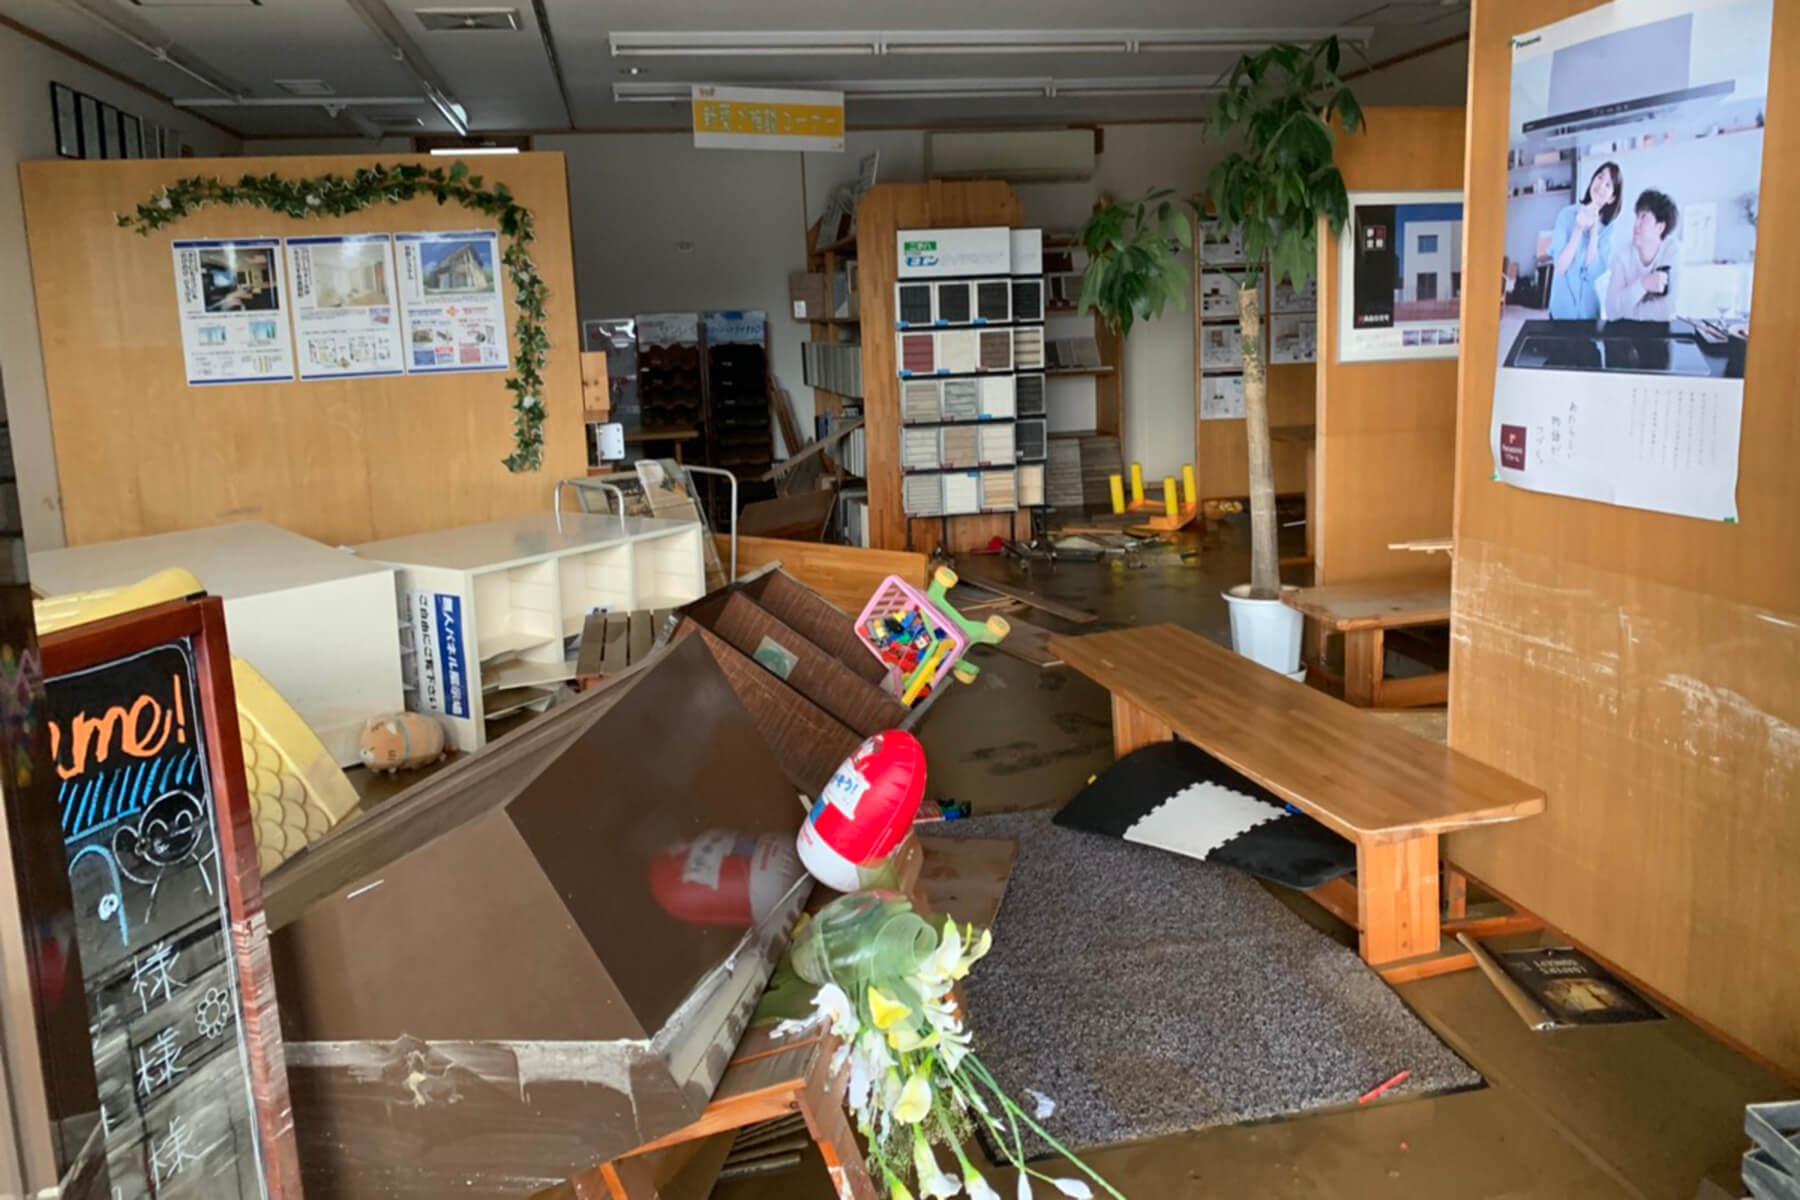 8.28大雨の被害を受けた朝日I&Rリアルティ武雄支店の店内の様子